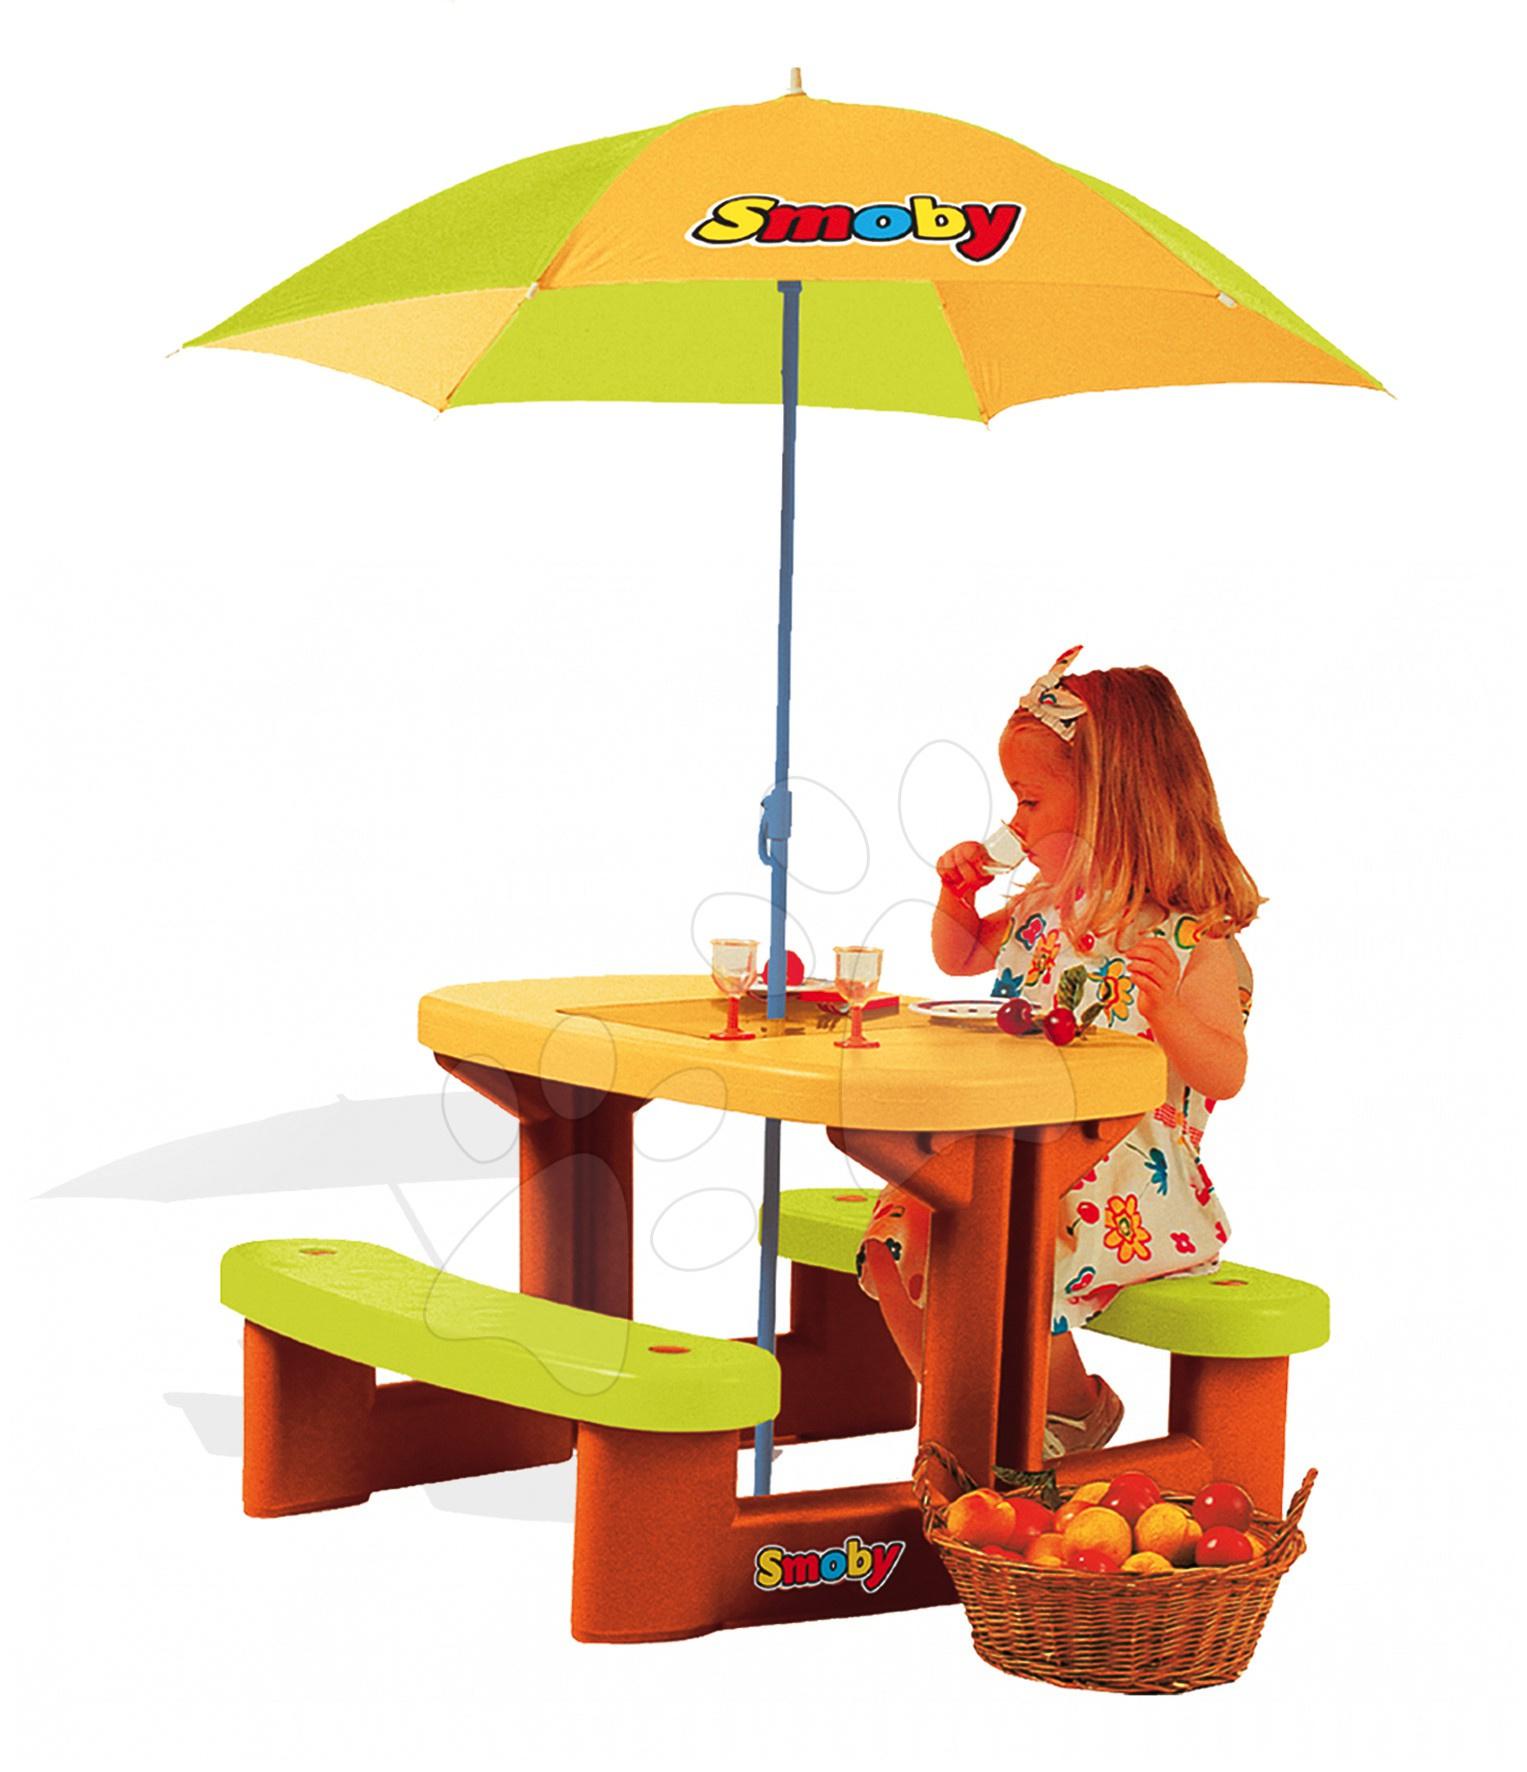 Detský záhradný nábytok - Piknikový stolík Smoby s dvoma lavicami a so slnečníkom UV filtrom od 24 mes